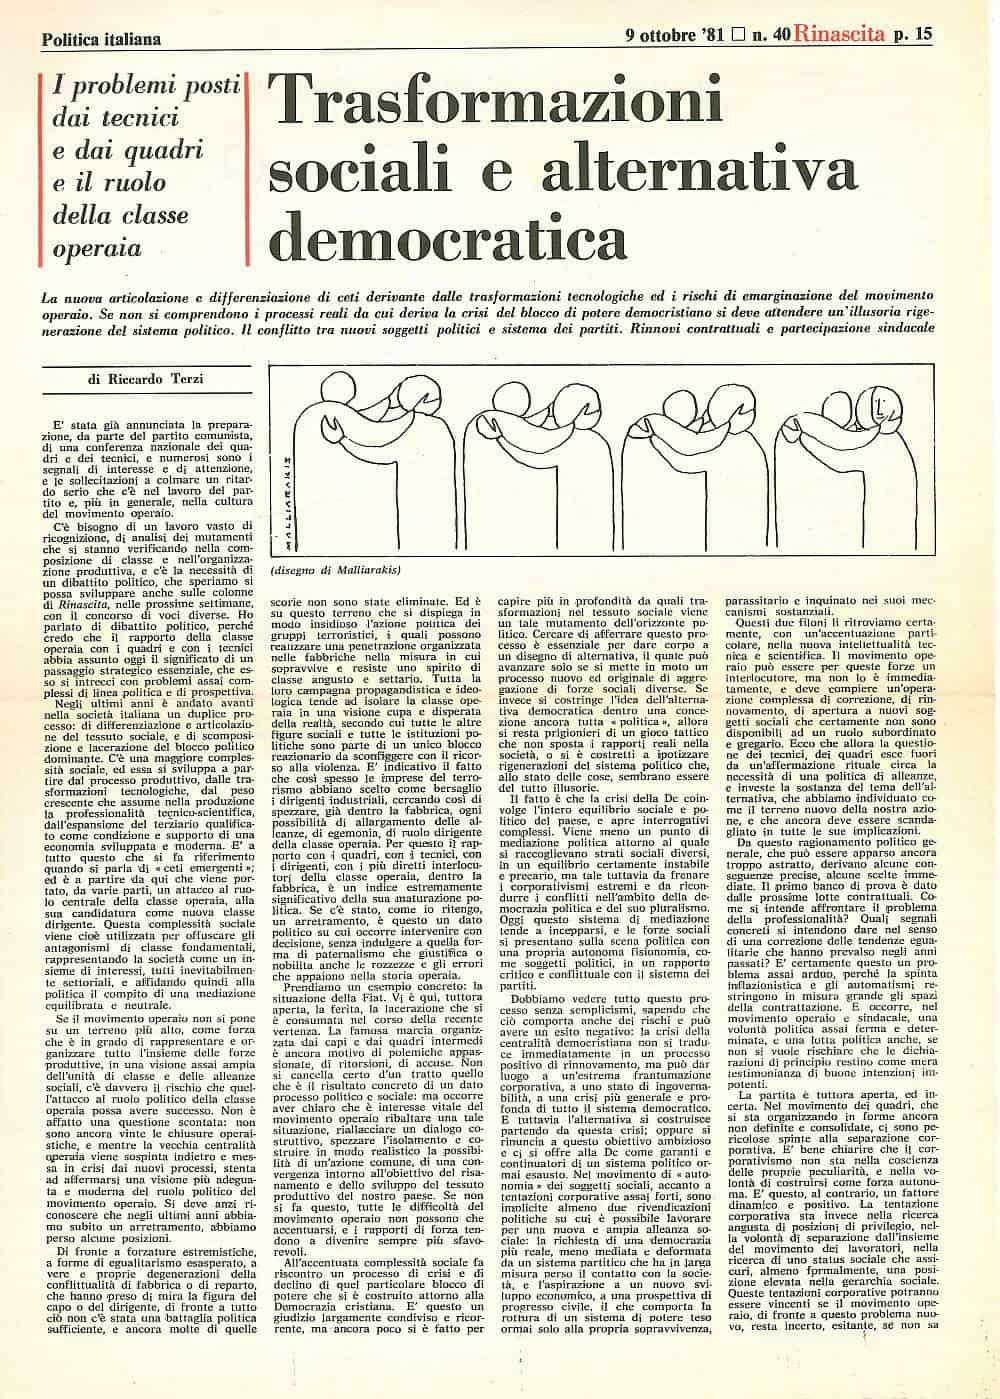 G18 - Trasformazioni sociali e alternativa politica